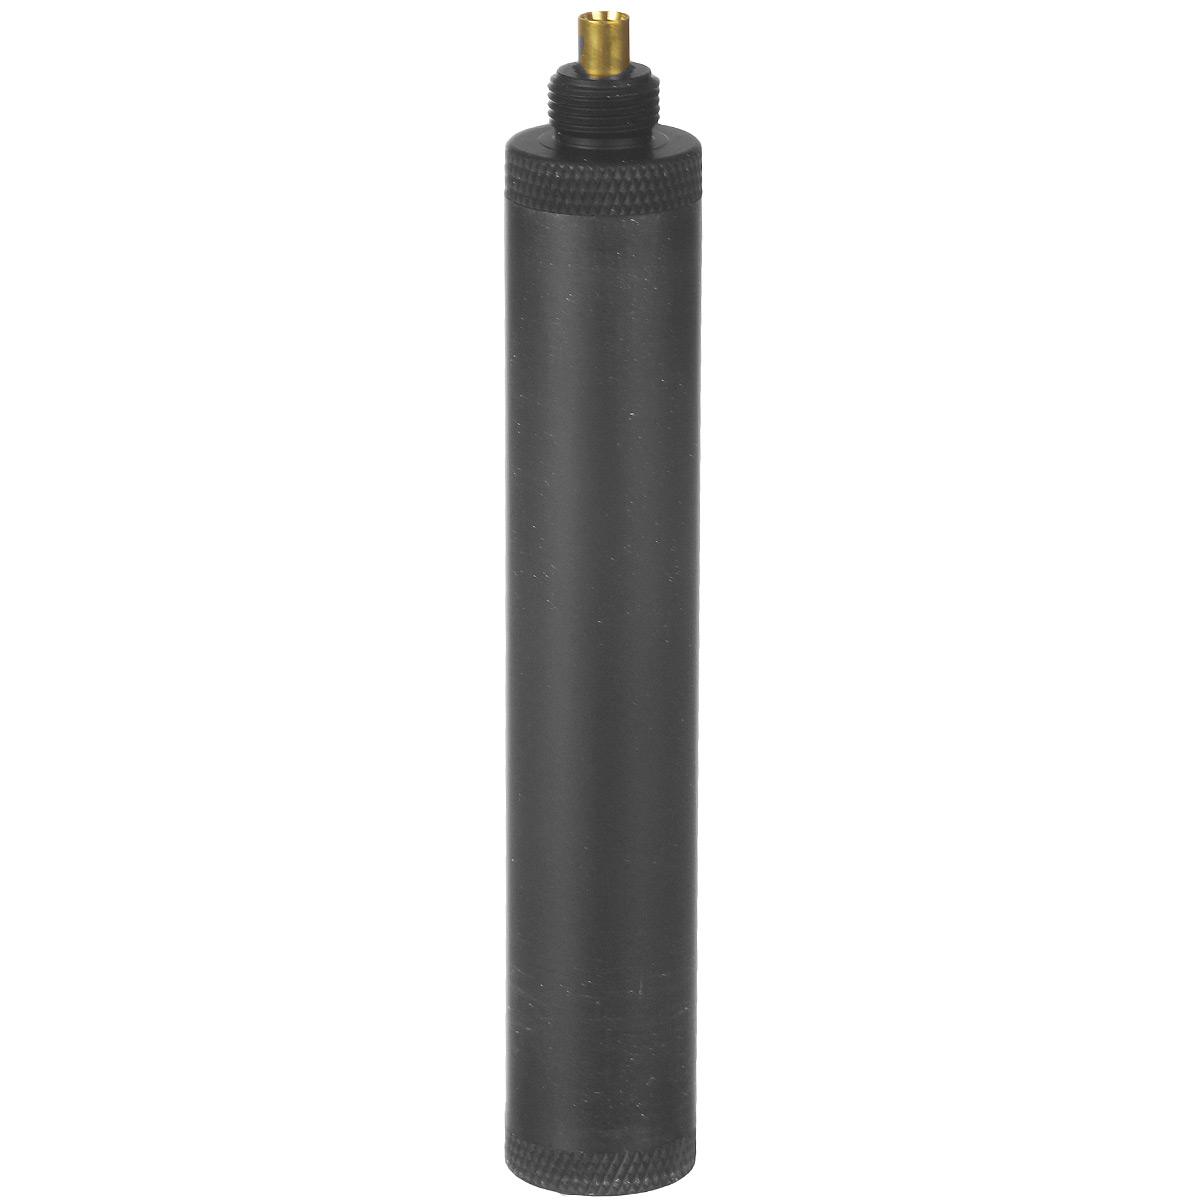 ASG имитация глушителя-удлинитель ствола CZ75D, CZ 75 P-07, STI (17644)527Имитация глушителя - удлинитель ствола. Подходит для пневматических пистолетов ASG линейки CZ75D, P-07 DUTY, STI DUTY калибра 4,5 мм. Внутри находится подпружиненный ствол, который при навинчивании глушителя удлиняет ствол пистолета и обеспечивает рост скорости примерно на 10 м/с. Возврат товара возможен только при наличии заключения сервисного центра. Время работы сервисного центра:Пн-чт: 10.00-18.00 Пт: 10.00- 17.00 Сб, Вс: выходные дни Адрес: ООО ГАТО, 121471, г.Москва, ул. Петра Алексеева, д 12., тел. (495)232-4670, gato@gato.ru